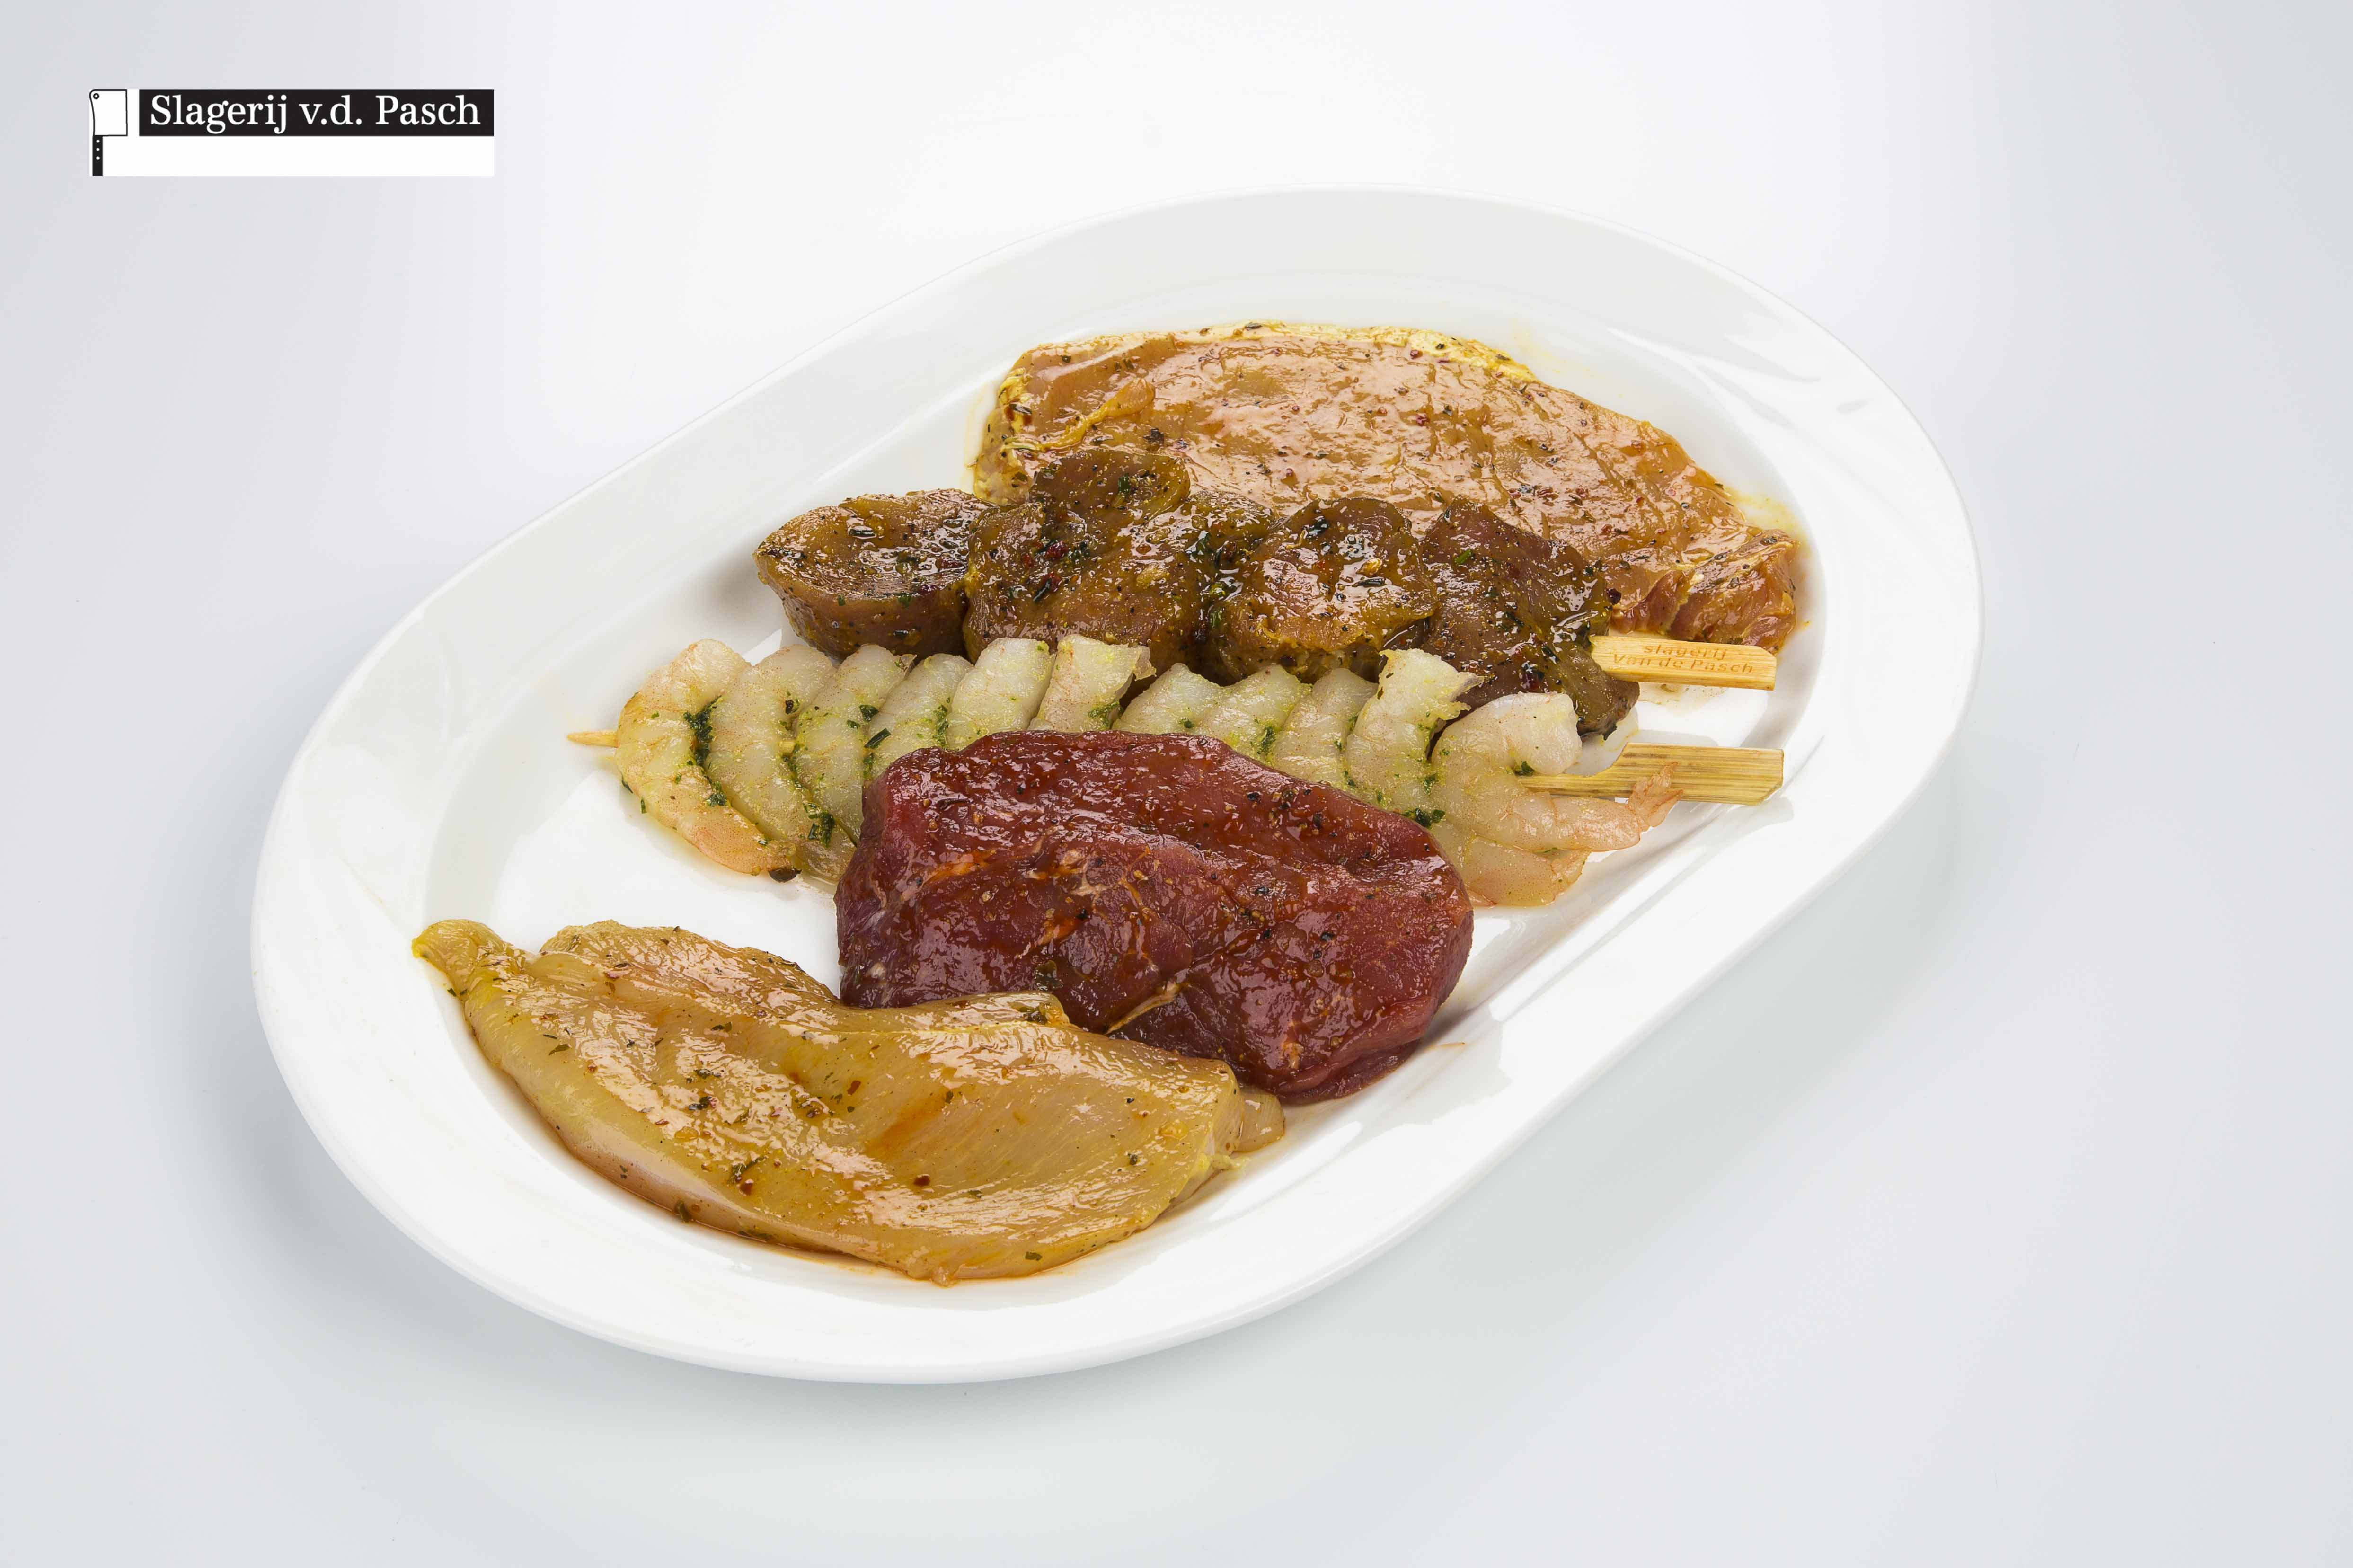 Bbq pakketten product categorie n slagerij van de pasch - Eigentijdse barbecue ...